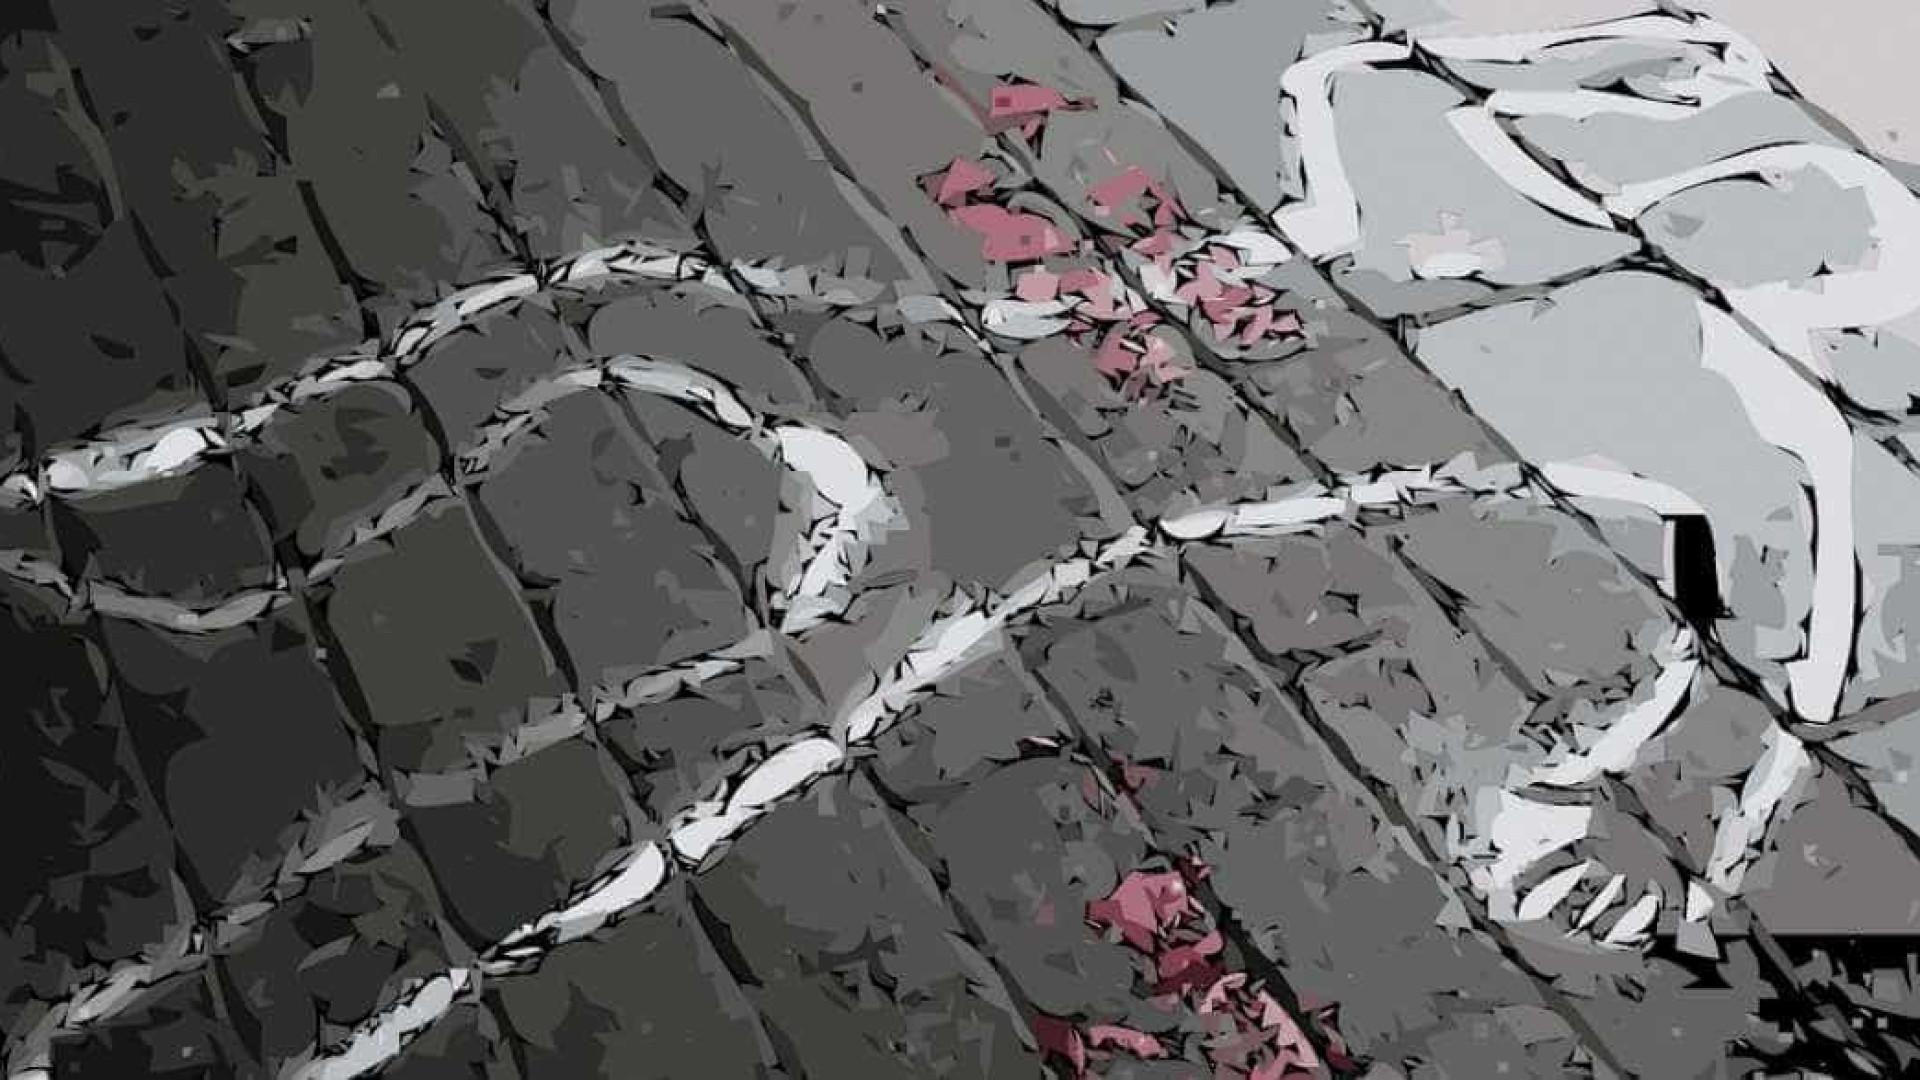 Homem atira em companheira, mata quatro e se suicida em SP